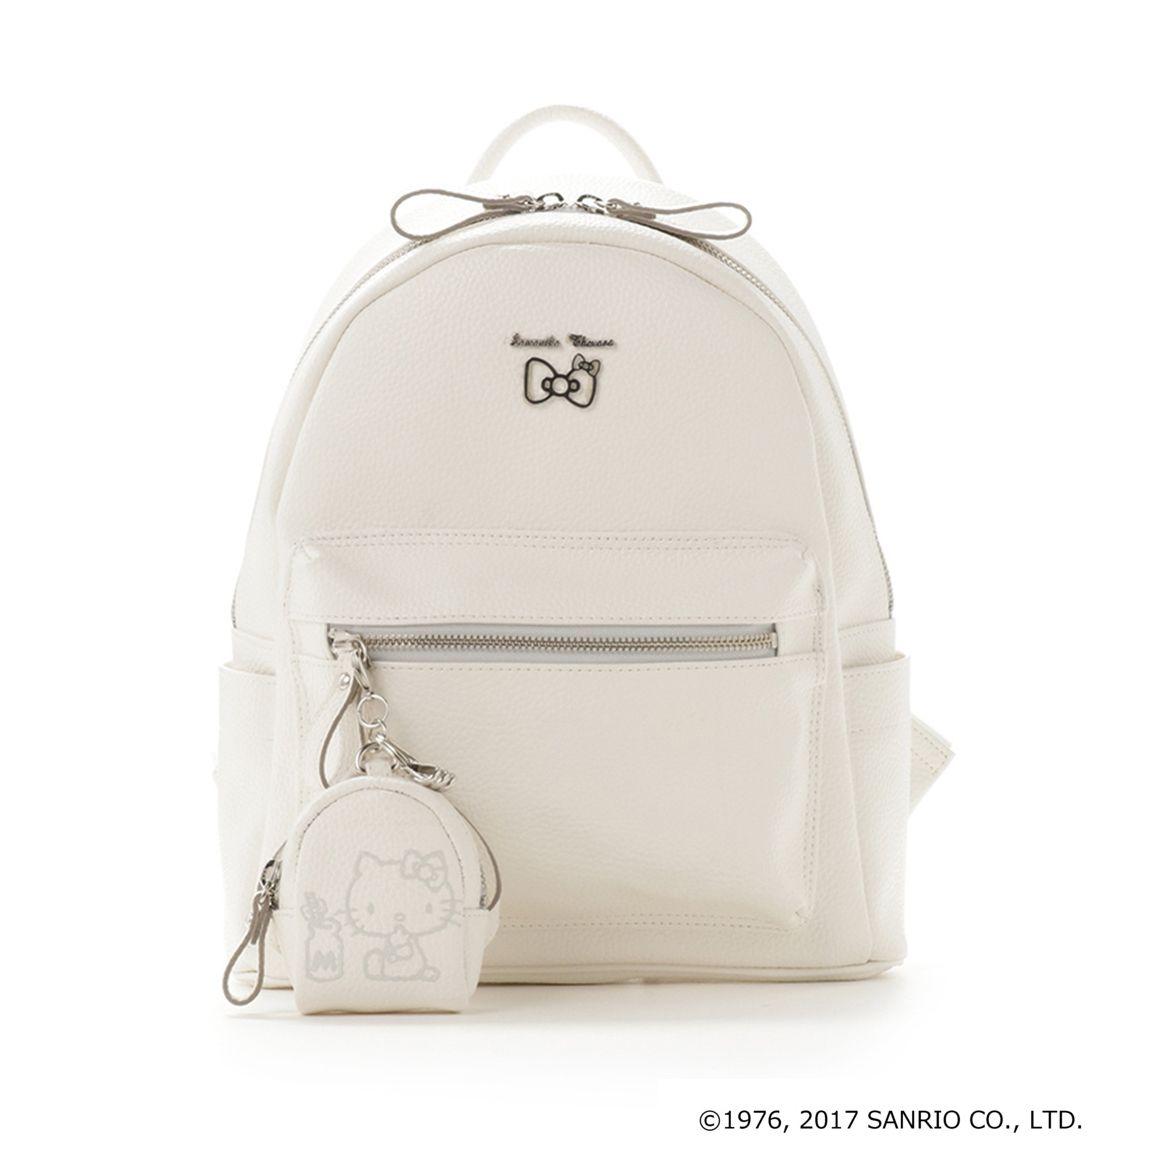 Samantha Thavasa Hello Kitty Backpack Bag White SANRIO JAPAN 2017 ... 3c713c8c75ae4